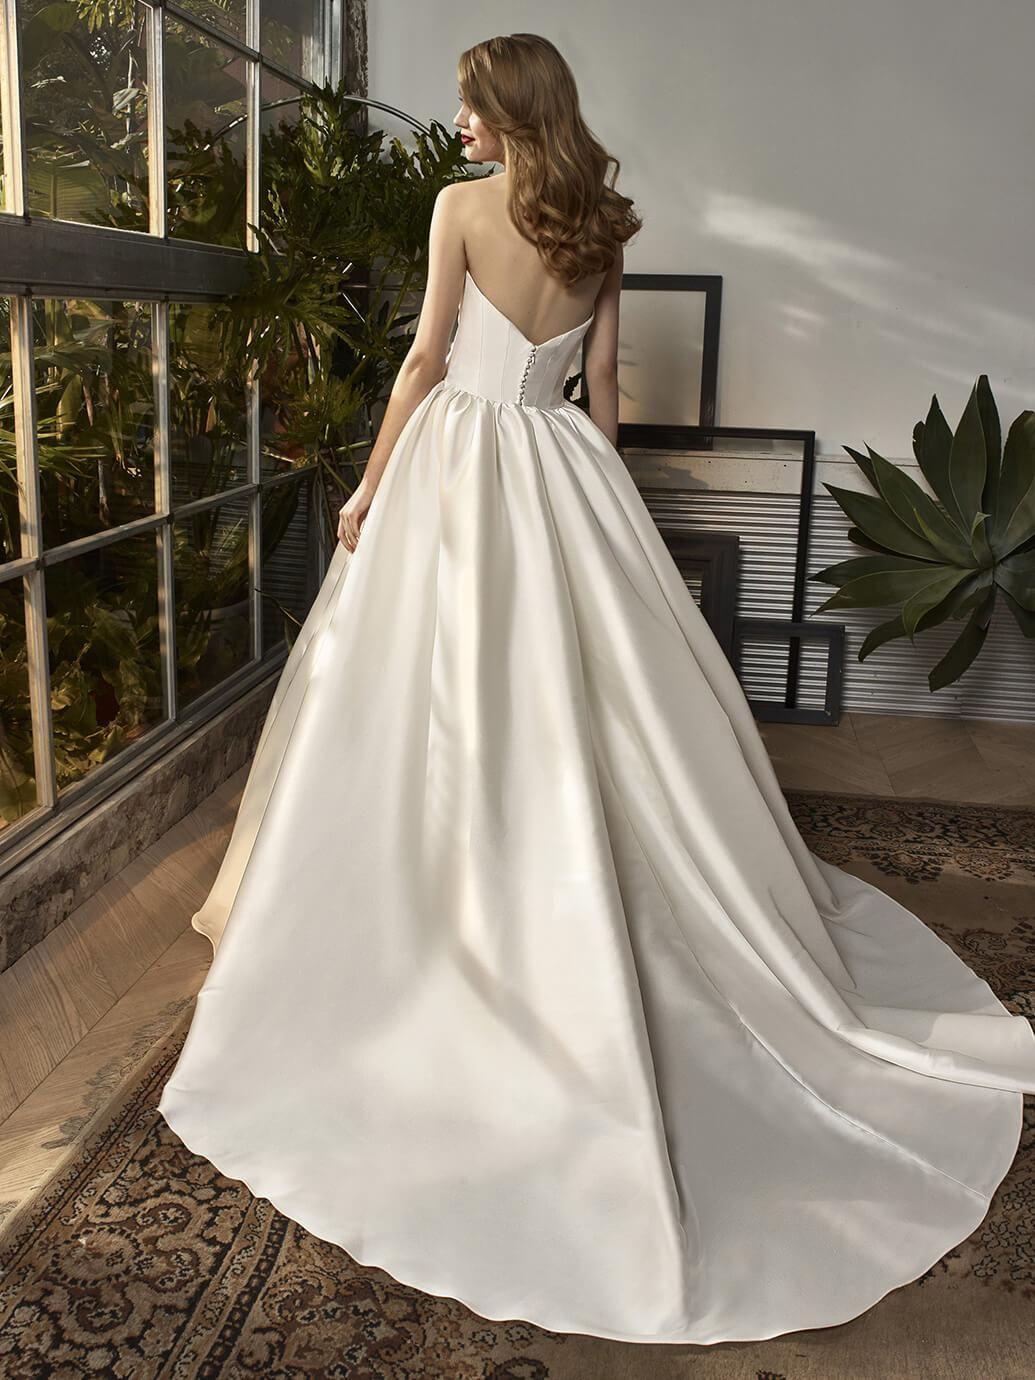 BT17-17  Kleid hochzeit, Brautkleid zubehör, Brautkleid